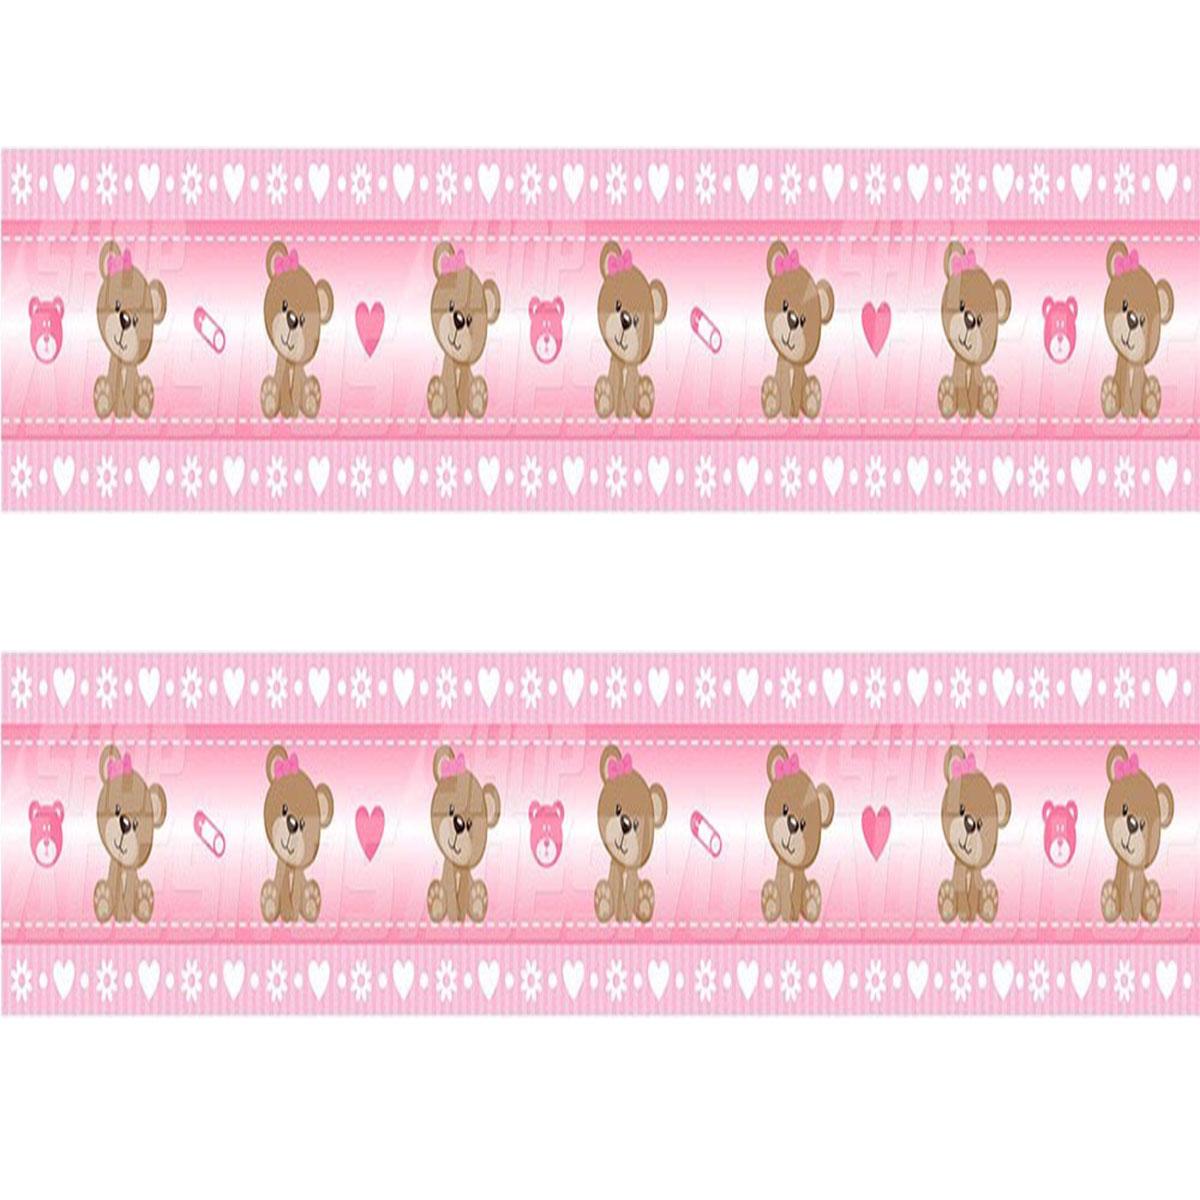 764d61890 Adesivo de Parede Faixa Decorativa Para Quarto Infantil Ursinho Rosa -  Decore Fácil Shop